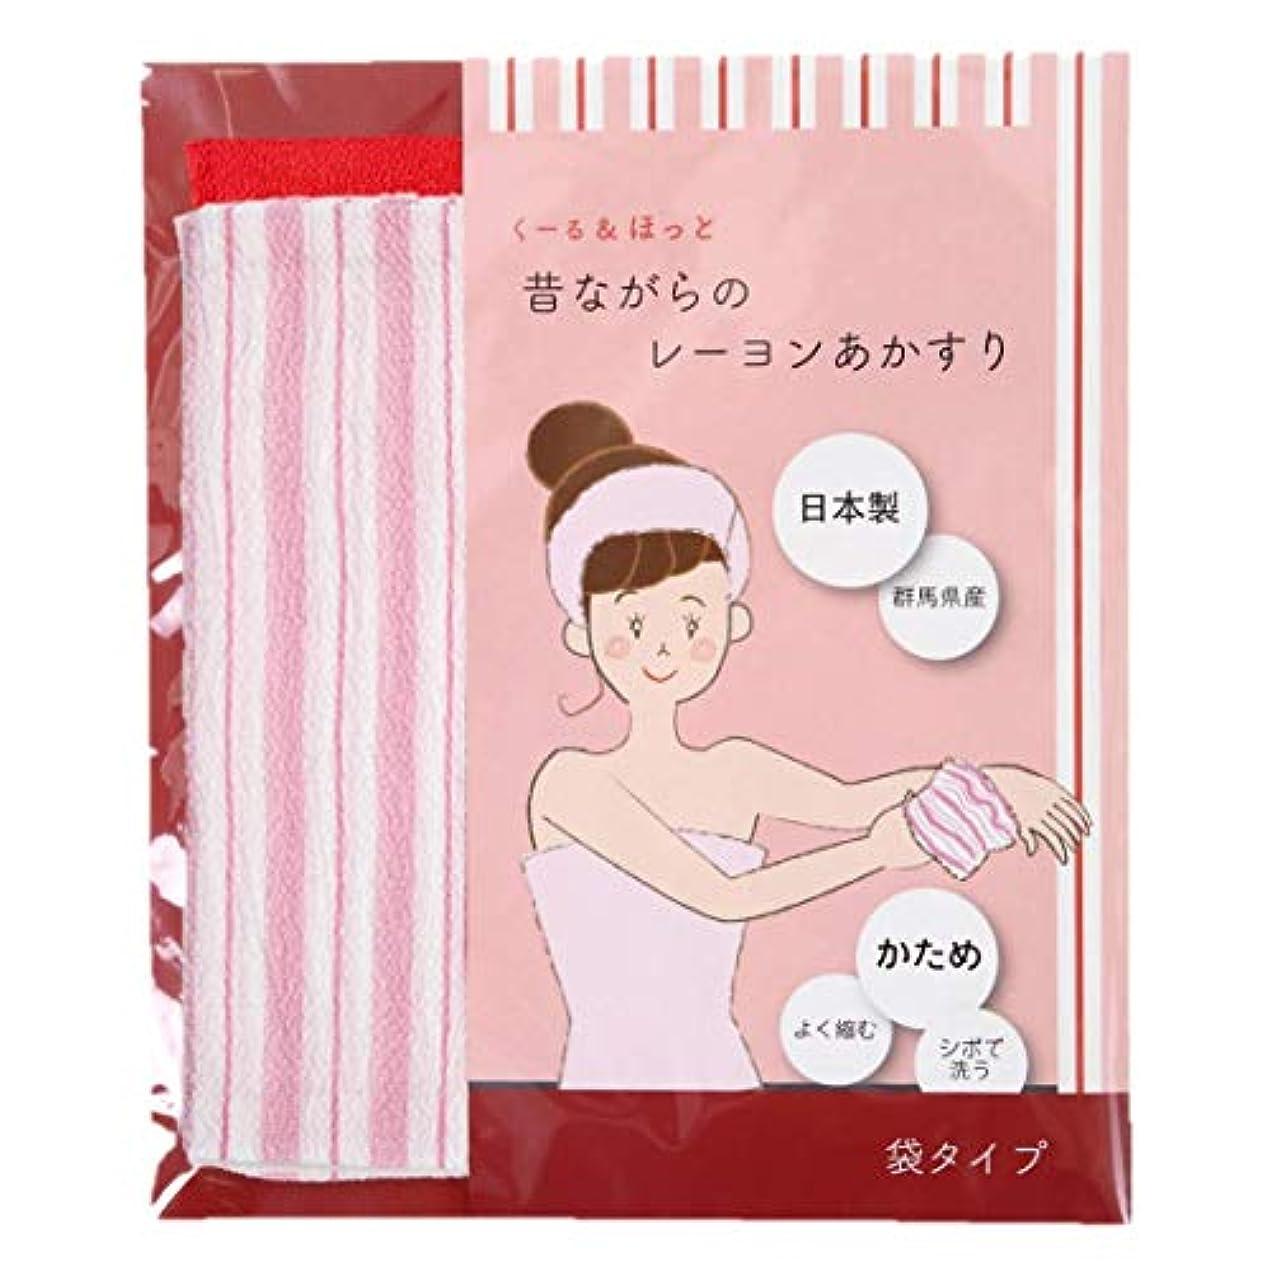 強度葬儀知的くーる&ほっと 昔ながらのレーヨン袋あかすり 2枚セット(ピンクストライプ&赤) 日本製(群馬県で製造) お試し用2枚組